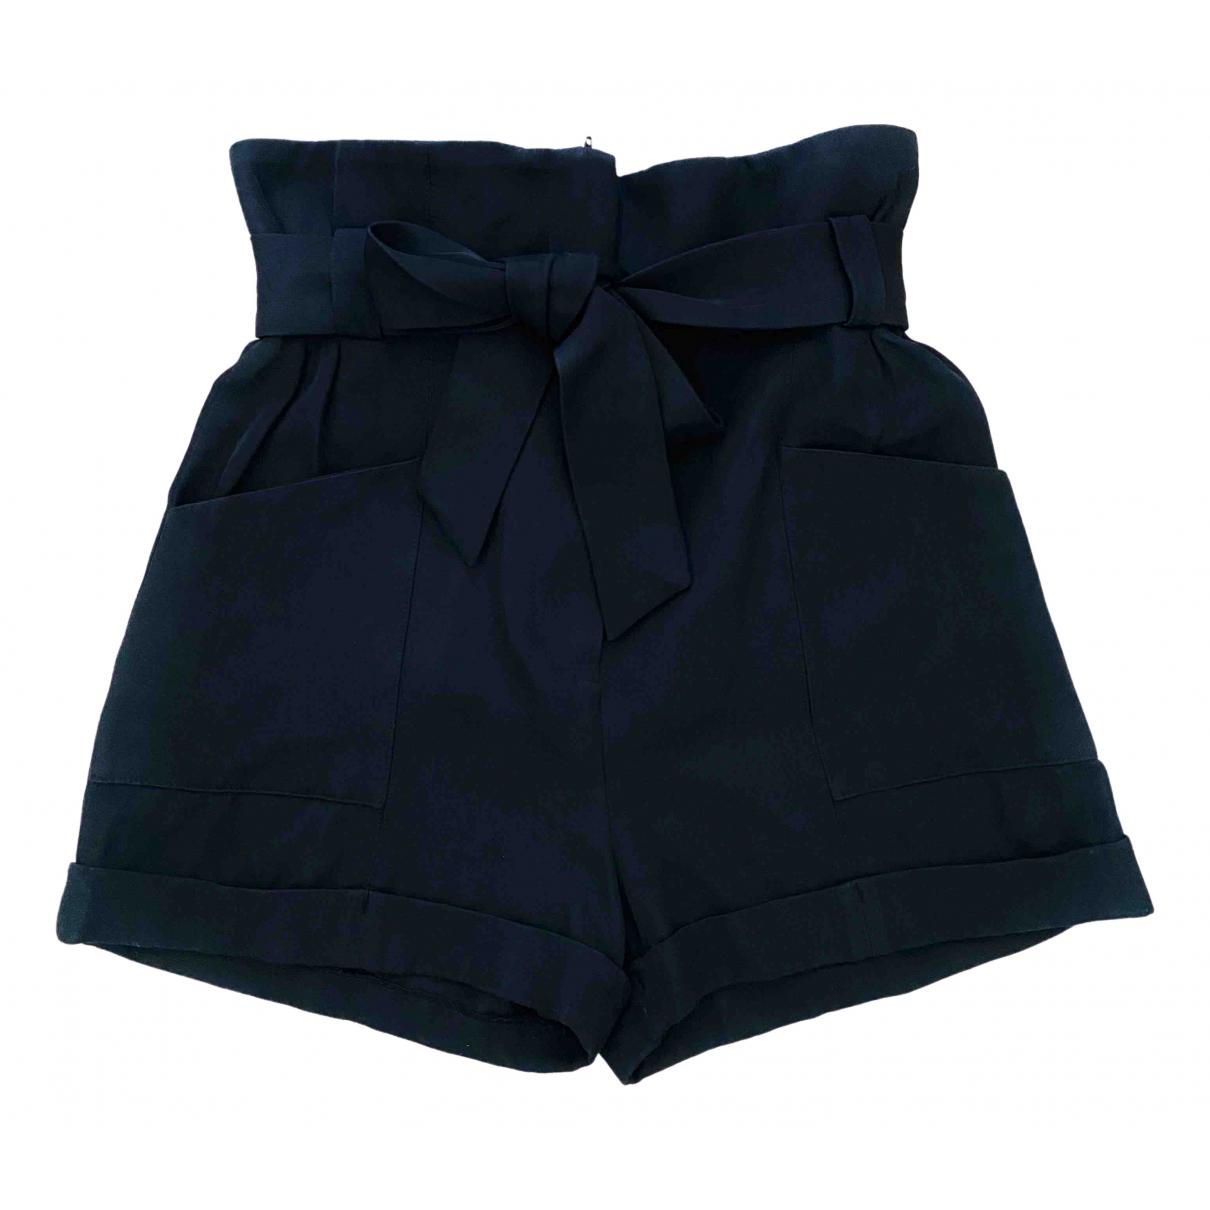 Iro \N Black Shorts for Women 34 FR